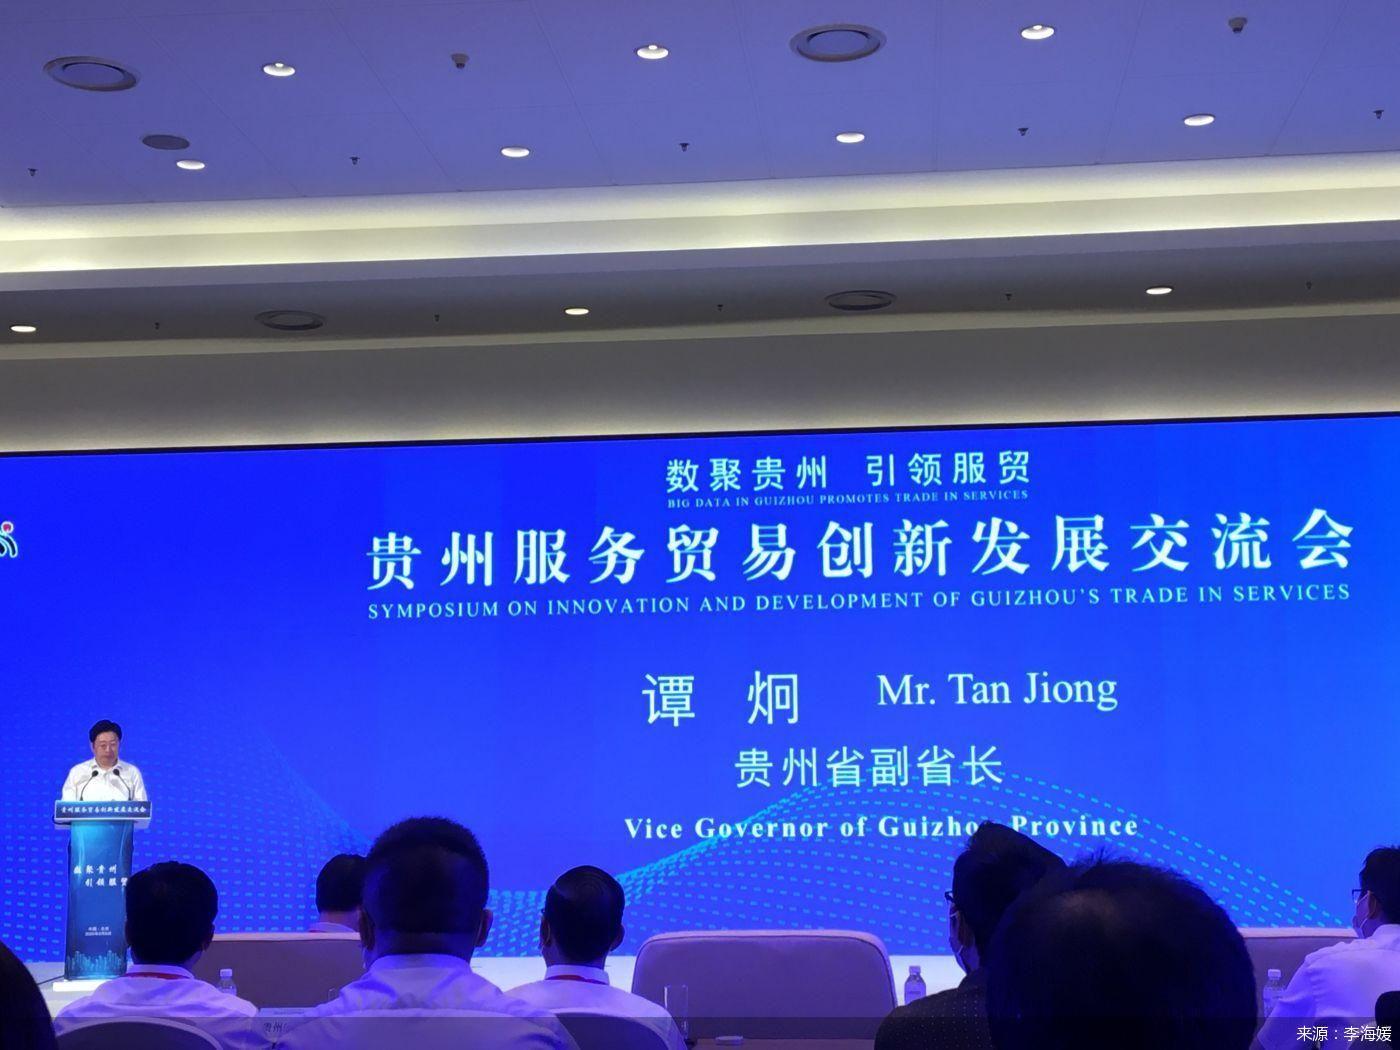 """贵州省副省长谭炯:贵州省有望创造赶超跨越的""""黄金十年"""""""